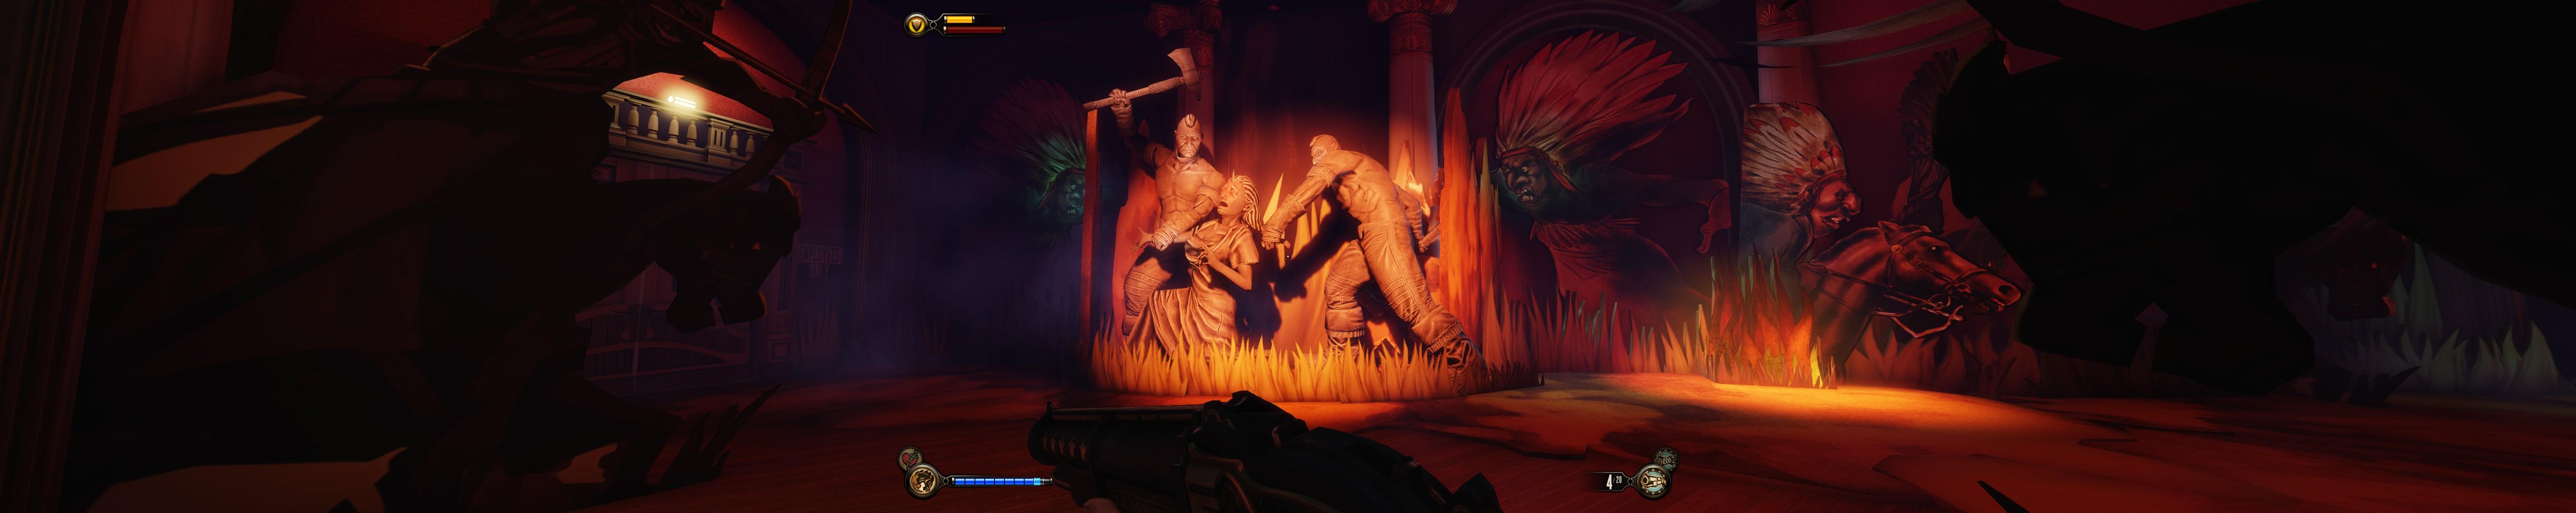 Bioshock_Infinite_2013-04-21_00051